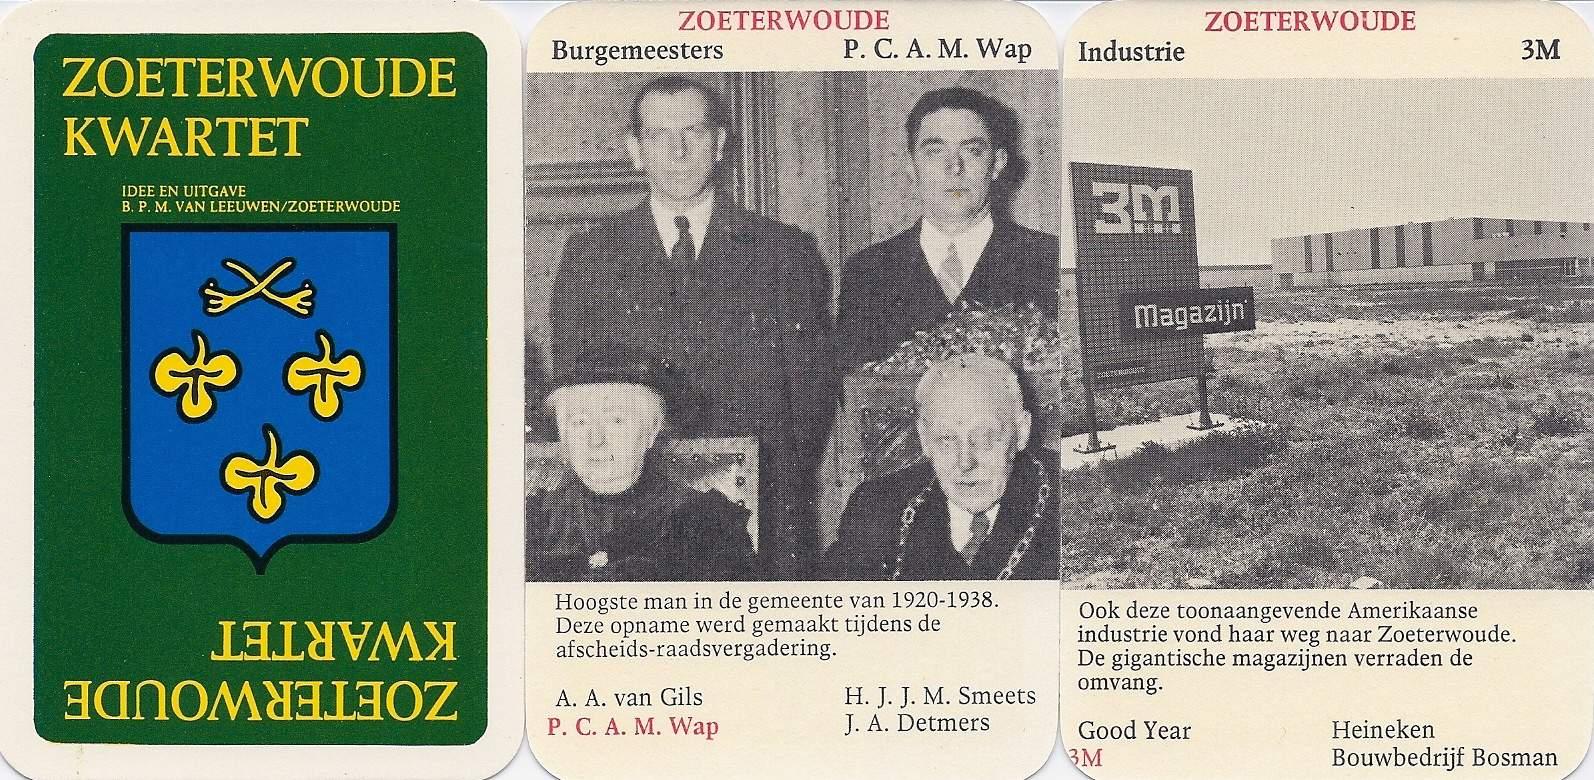 Kwartet Zoeterwoude